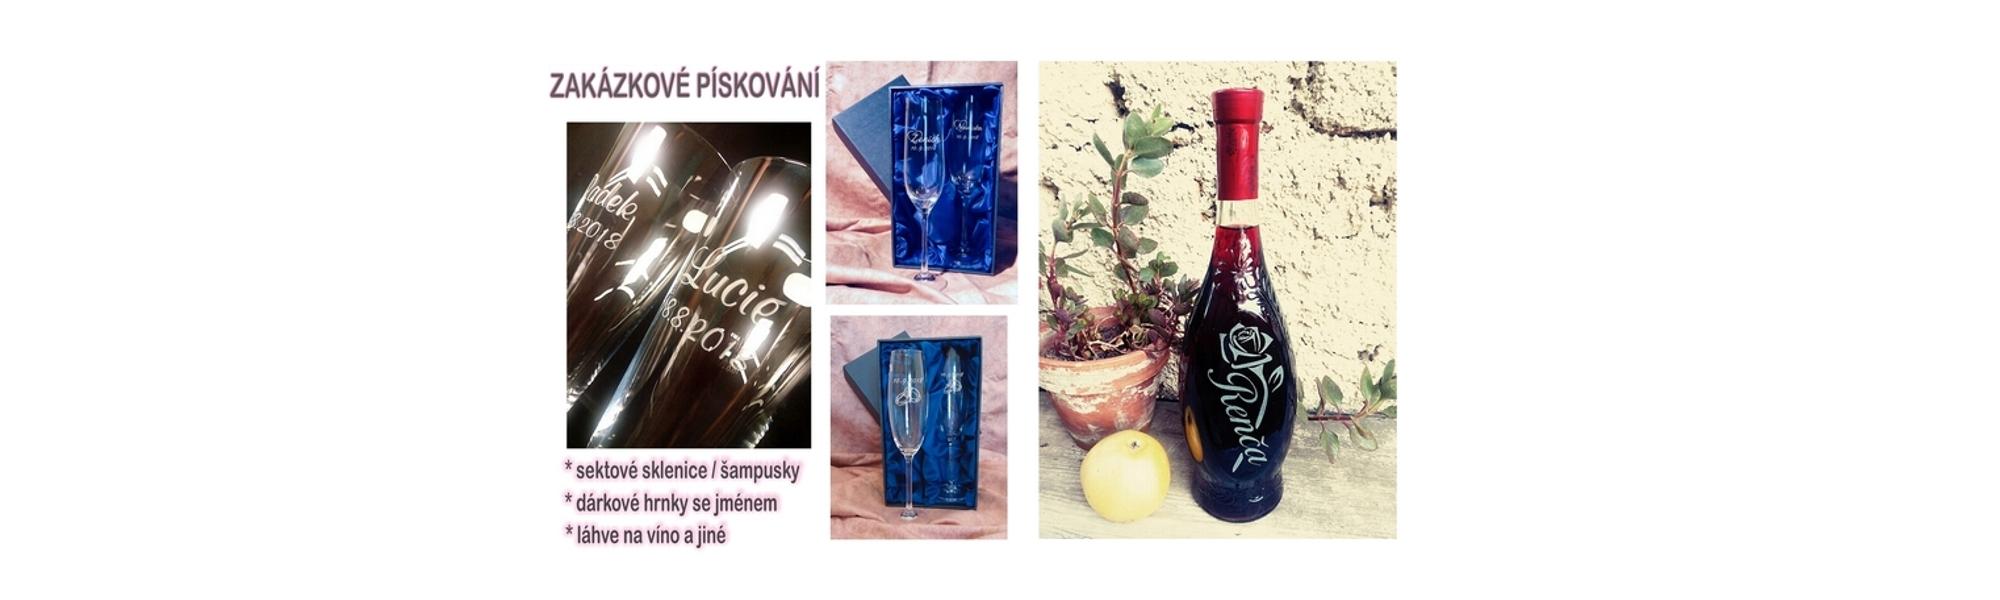 Pískování na přání, sklenice, šampusky, láhve na víno a jiné